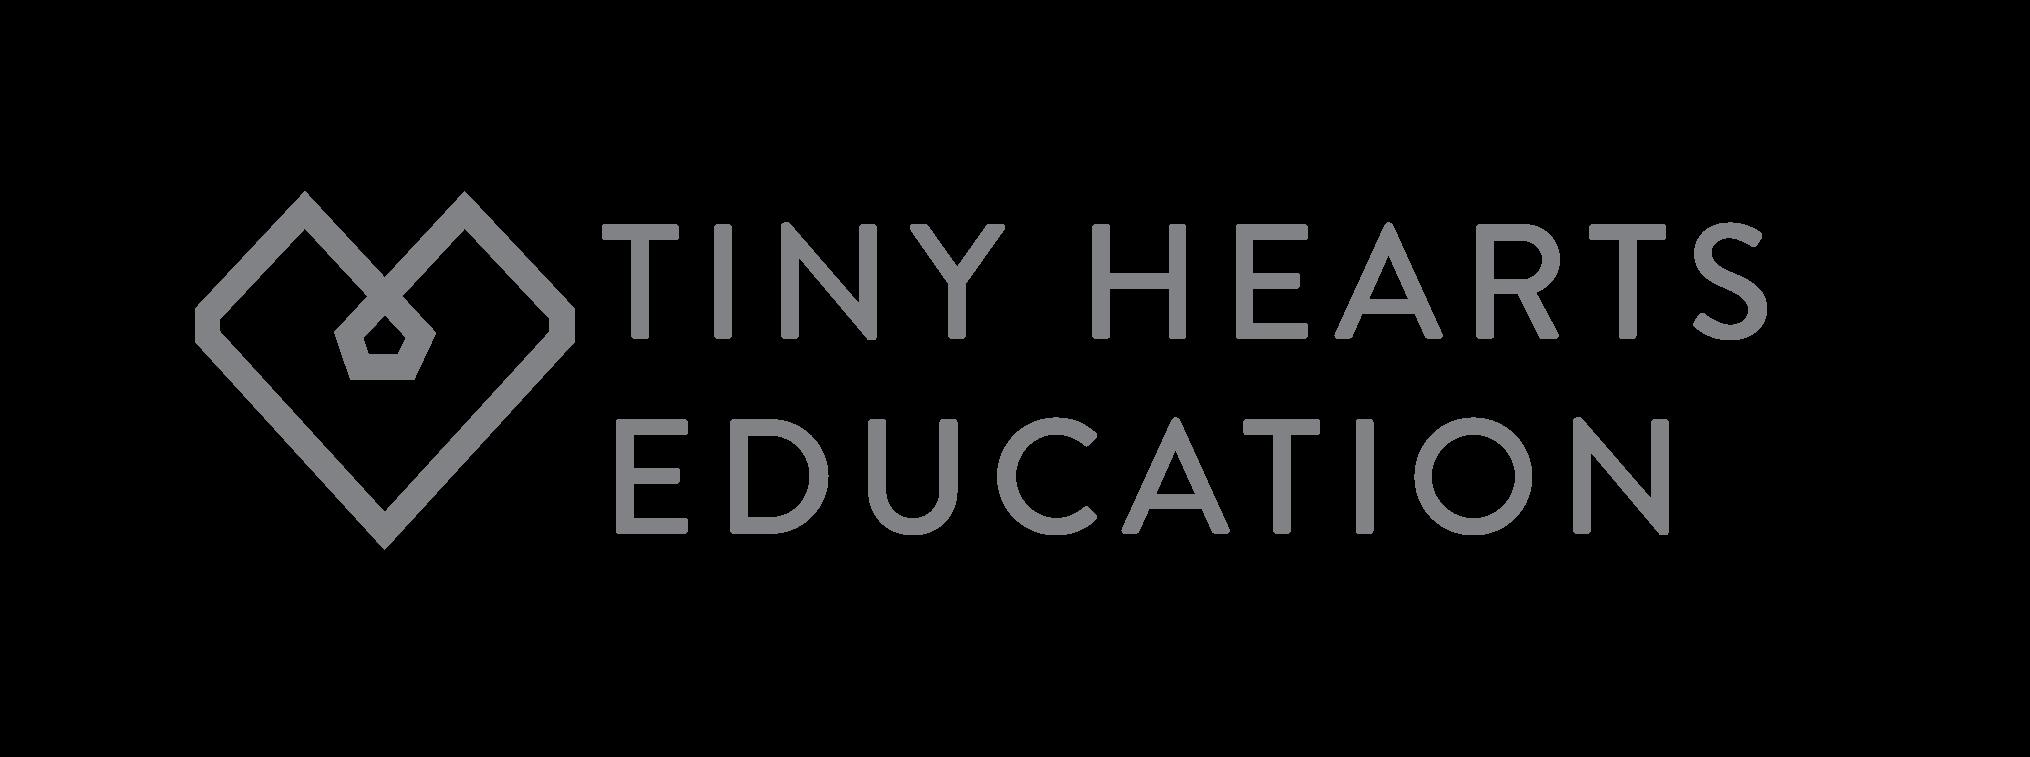 Tiny Hearts Education